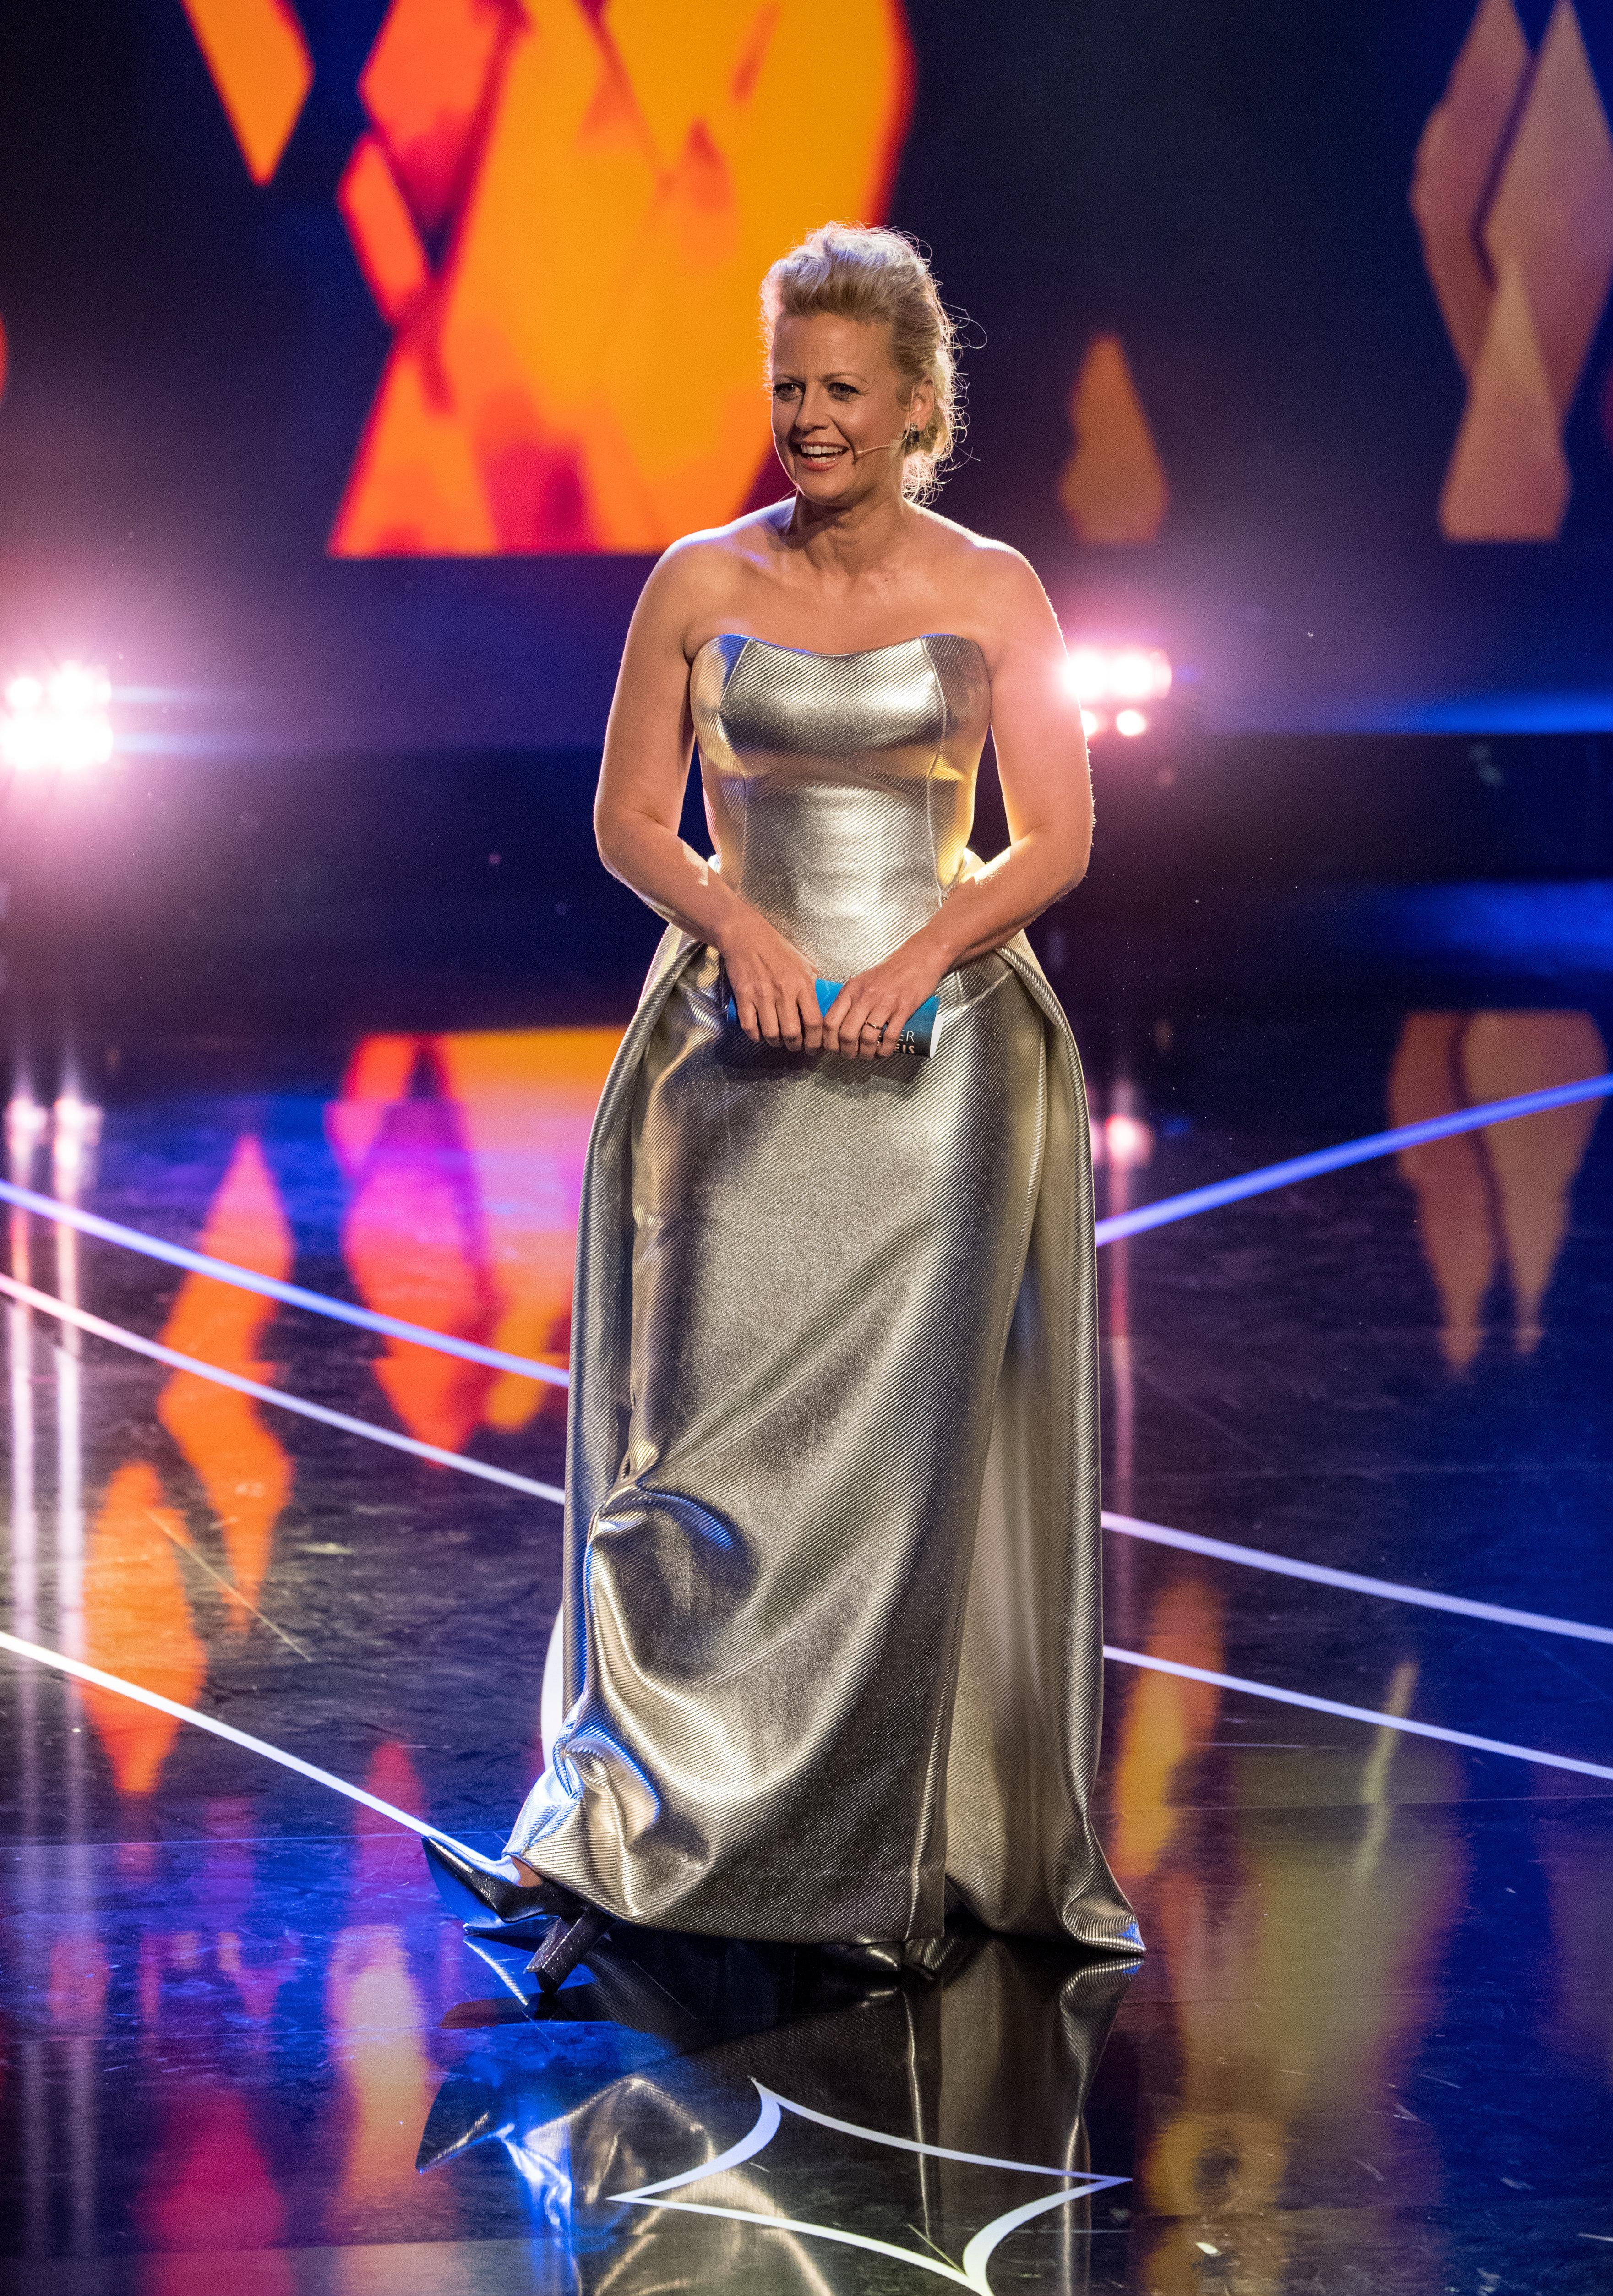 """""""Das hast du doch nicht nötig"""": Fans wundern sich über neues Aussehen von Barbara Schöneberger"""